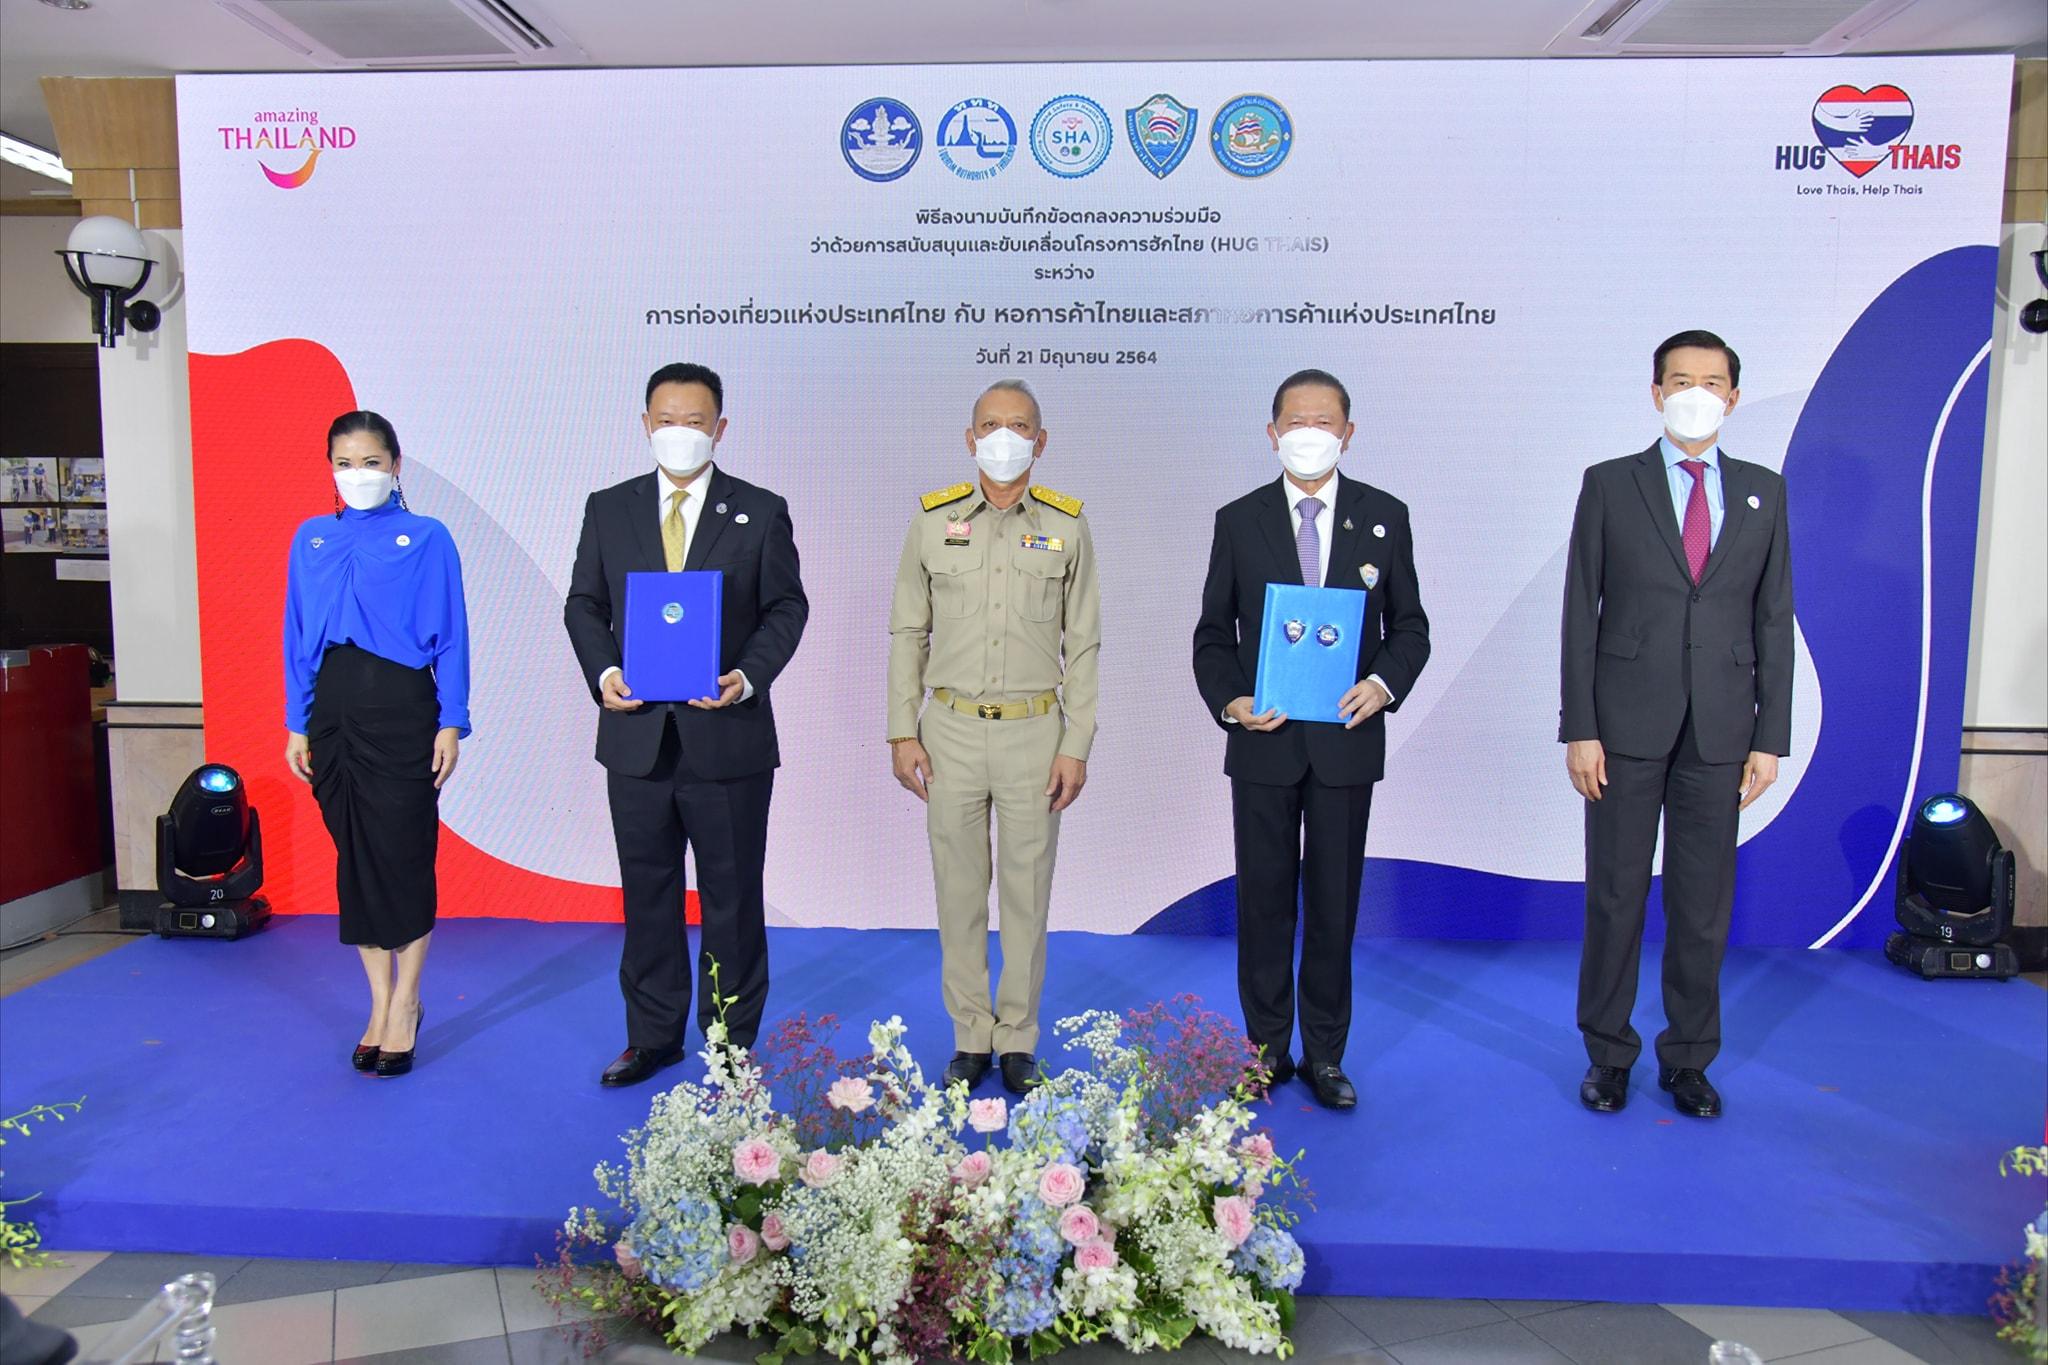 ท่องเที่ยว ยันพร้อมเปิดเมือง โว 3 เดือน ทำเงินเข้าไทยกว่า 8.9 พันล้าน